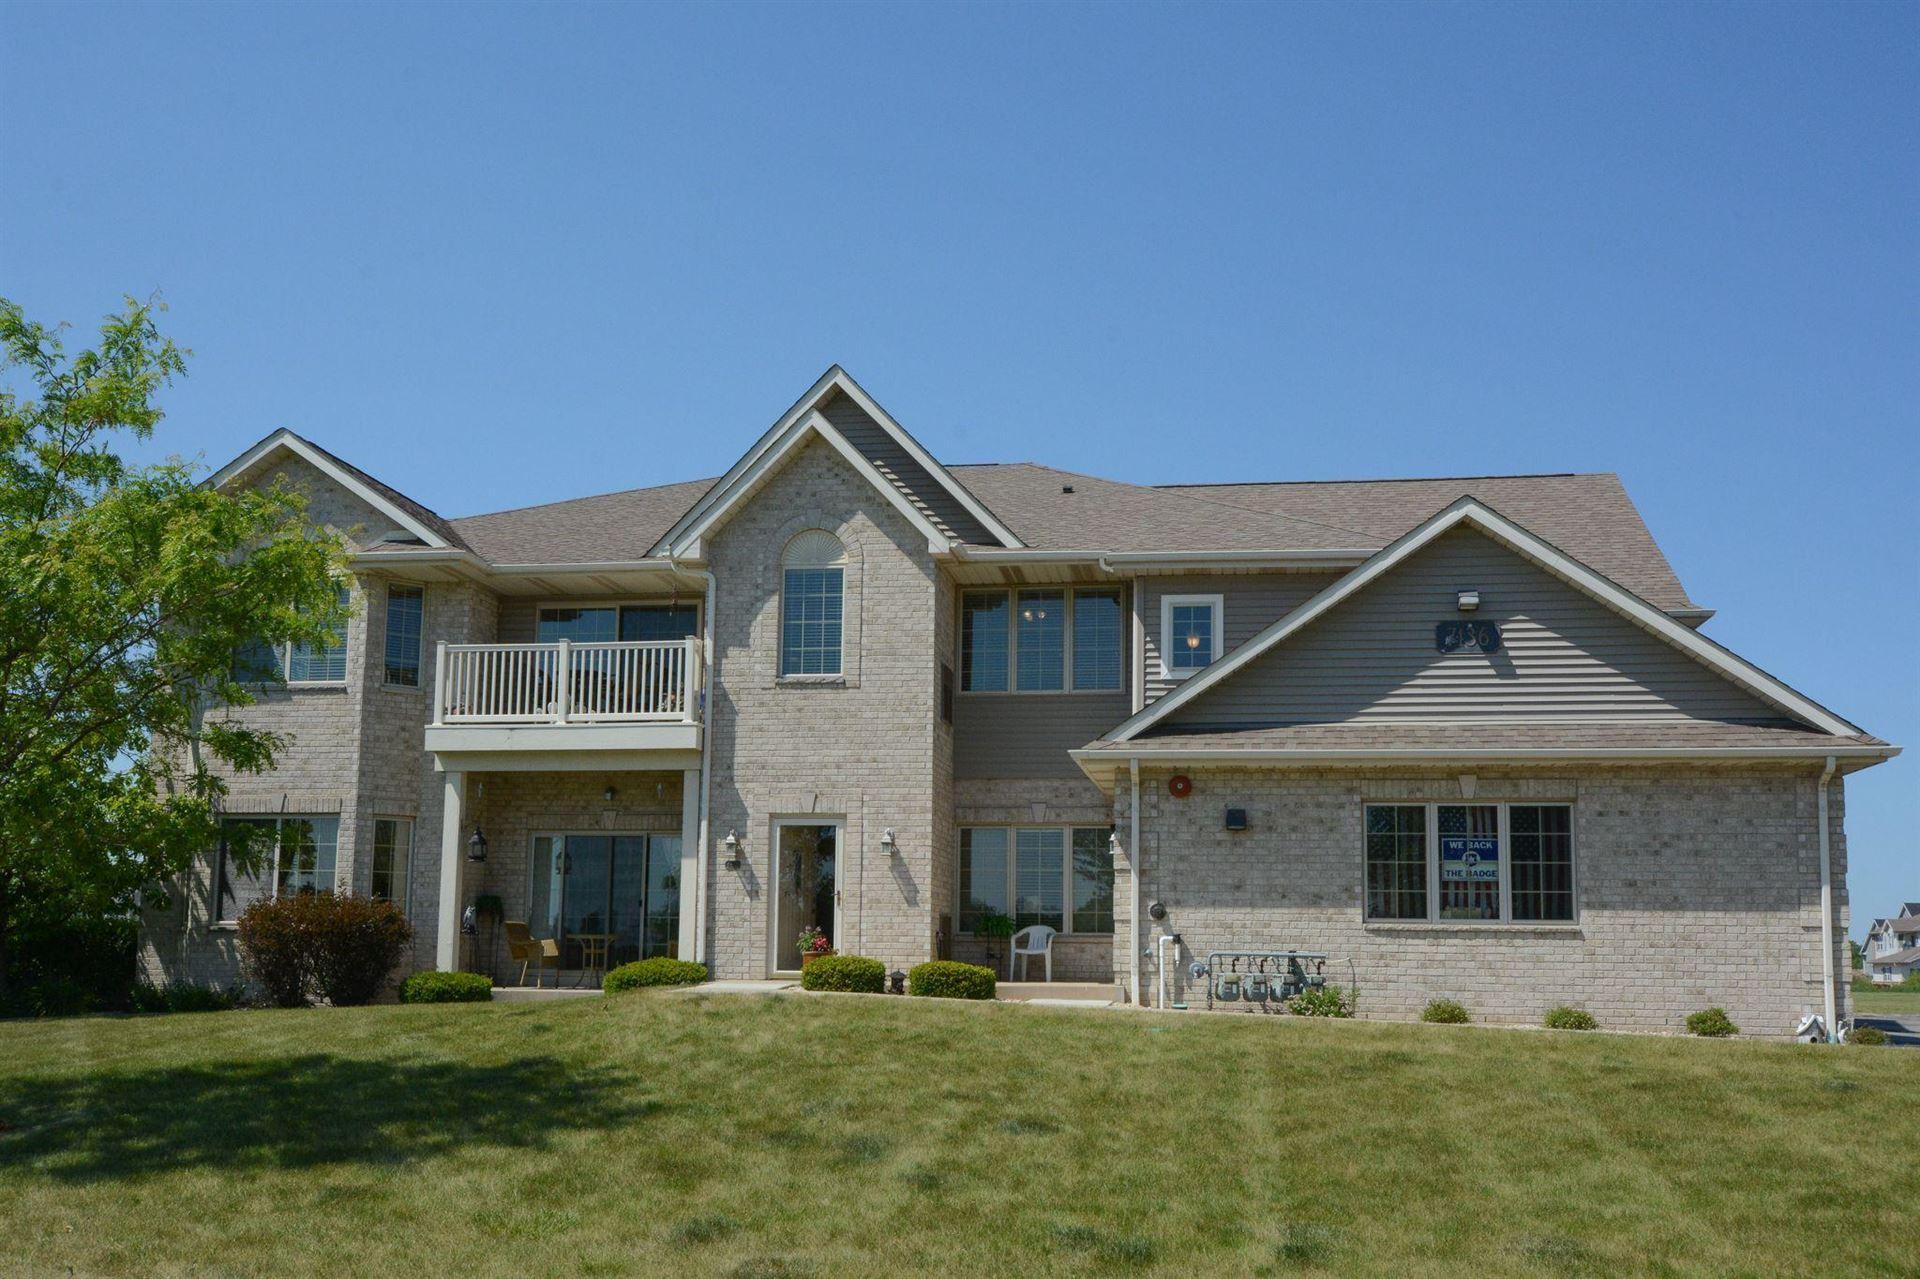 7136 Parkside Ln #124, Mount Pleasant, WI 53406 - #: 1694373